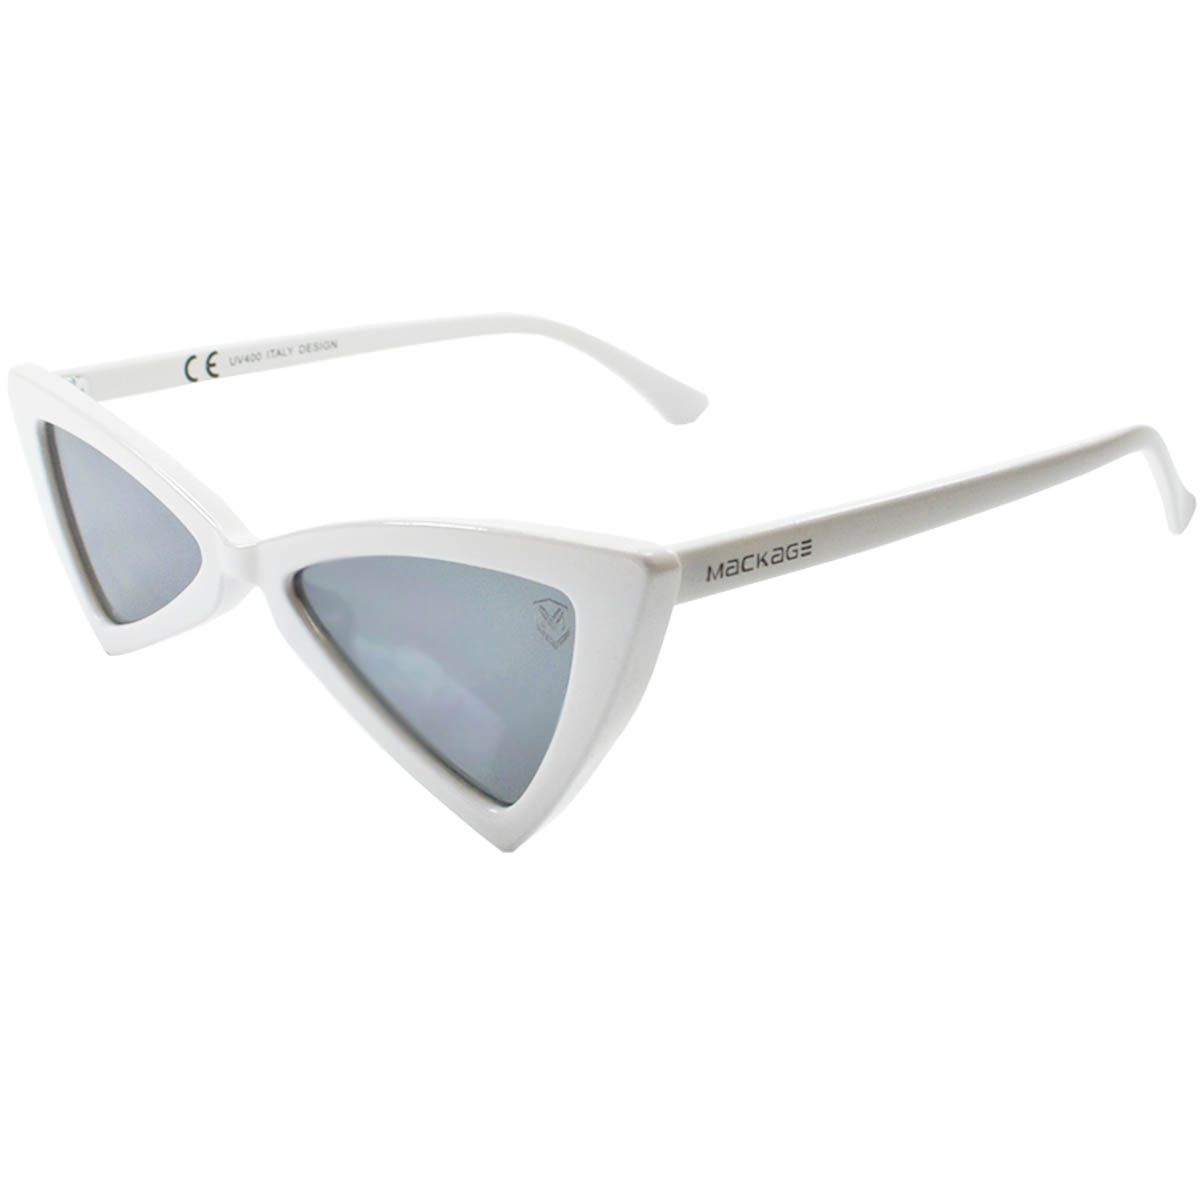 a2858dd9f Óculos de sol Mackage, feminino, Fashion/Gatinho MK8841